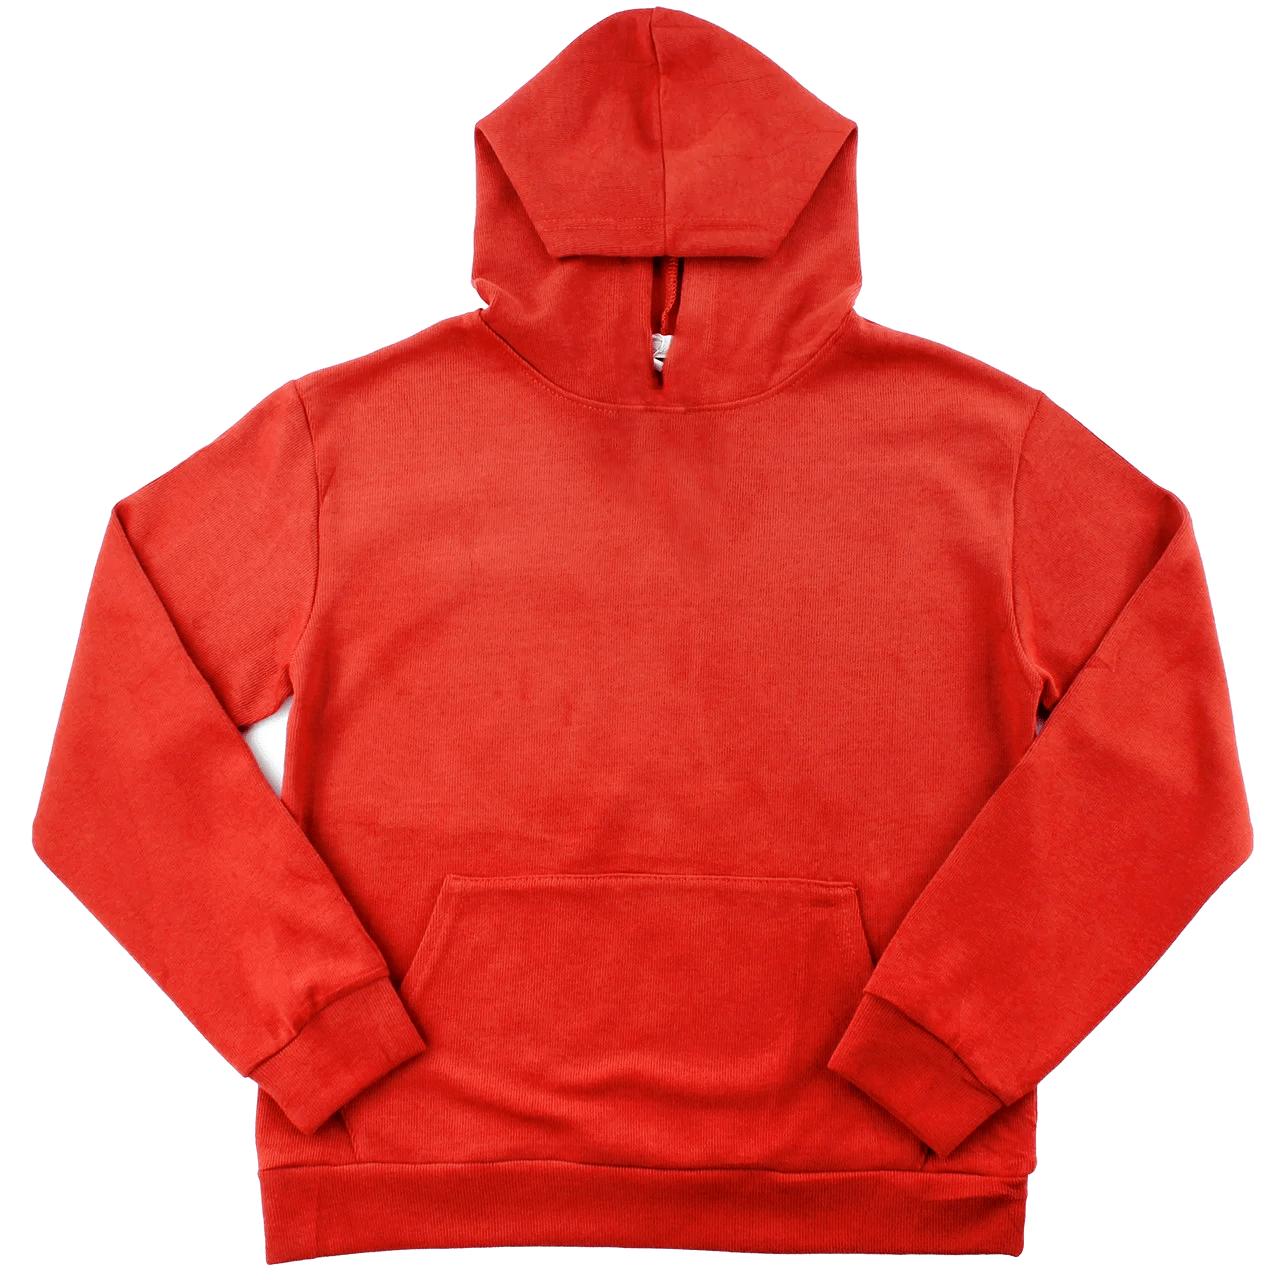 Молодіжні худі однотонні з кишенею повсякденні жіночі худі з капюшоном Red